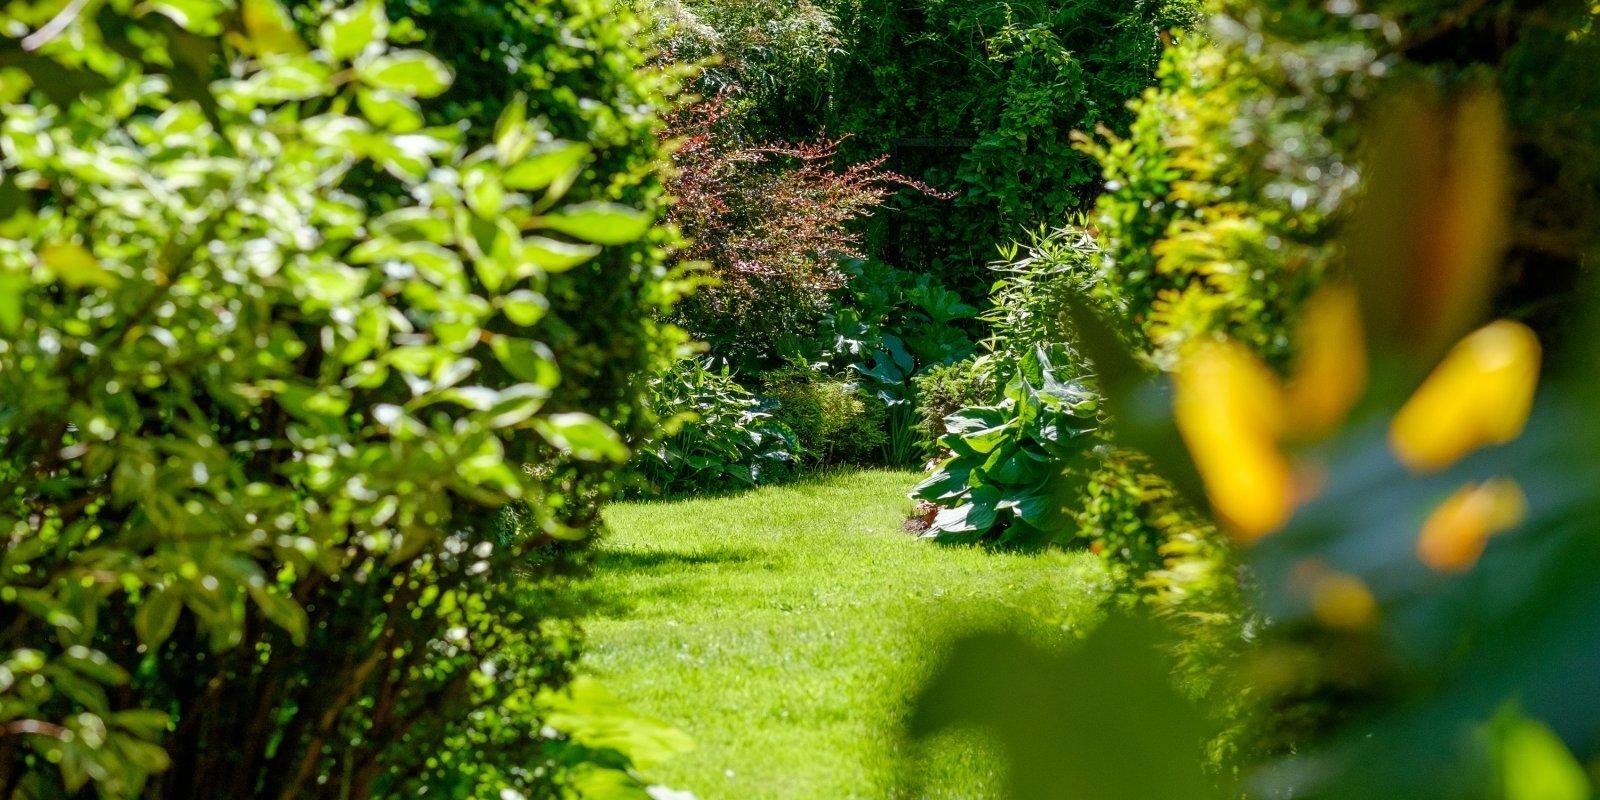 'Te ir mani džungļi'. Dzintras dārza pasaule Medemciemā